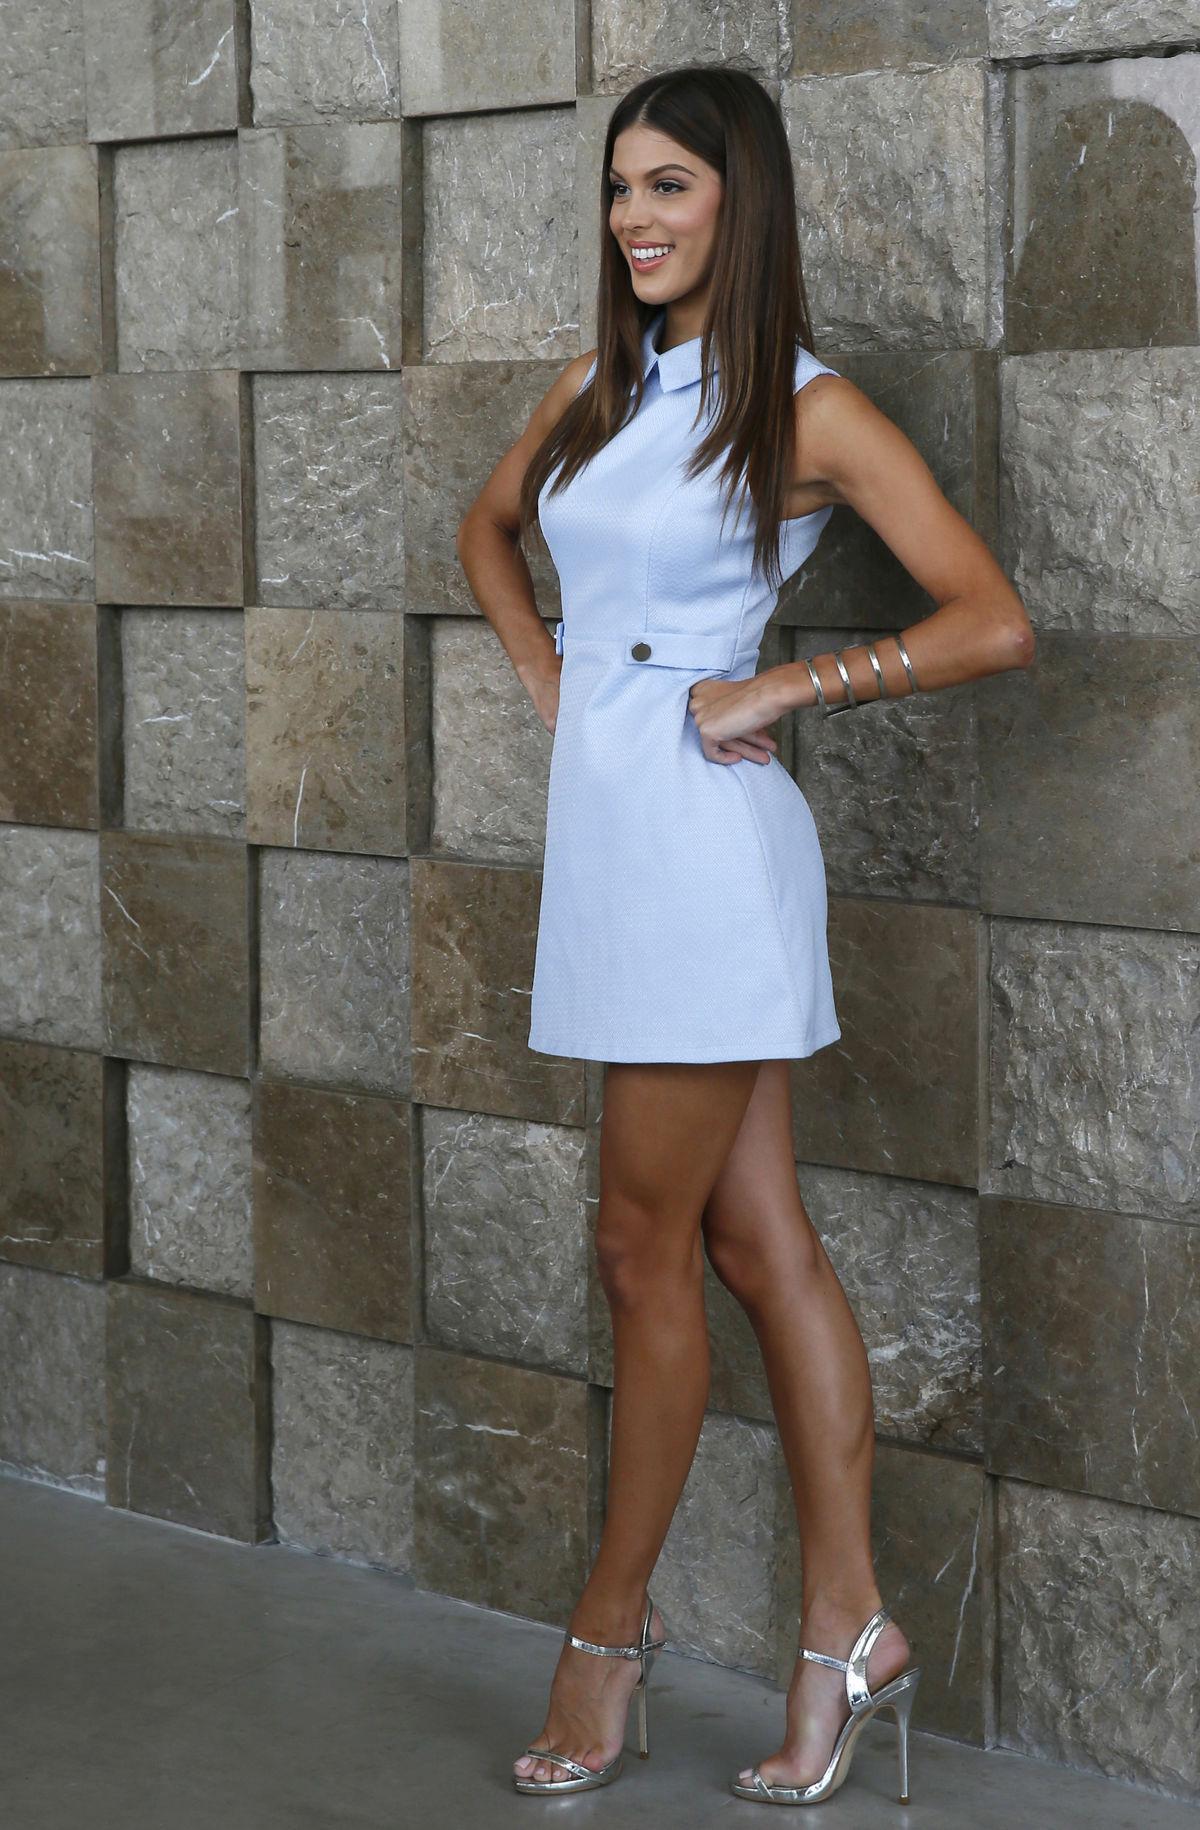 Nová Miss Universe Iris Mittenaere z Francúzska sa stretla s francúzskym ambasádorom na juhu Manily. Následne odletetla do New Yorku, kde ju čakajú prvé povinnosti Miss Universe